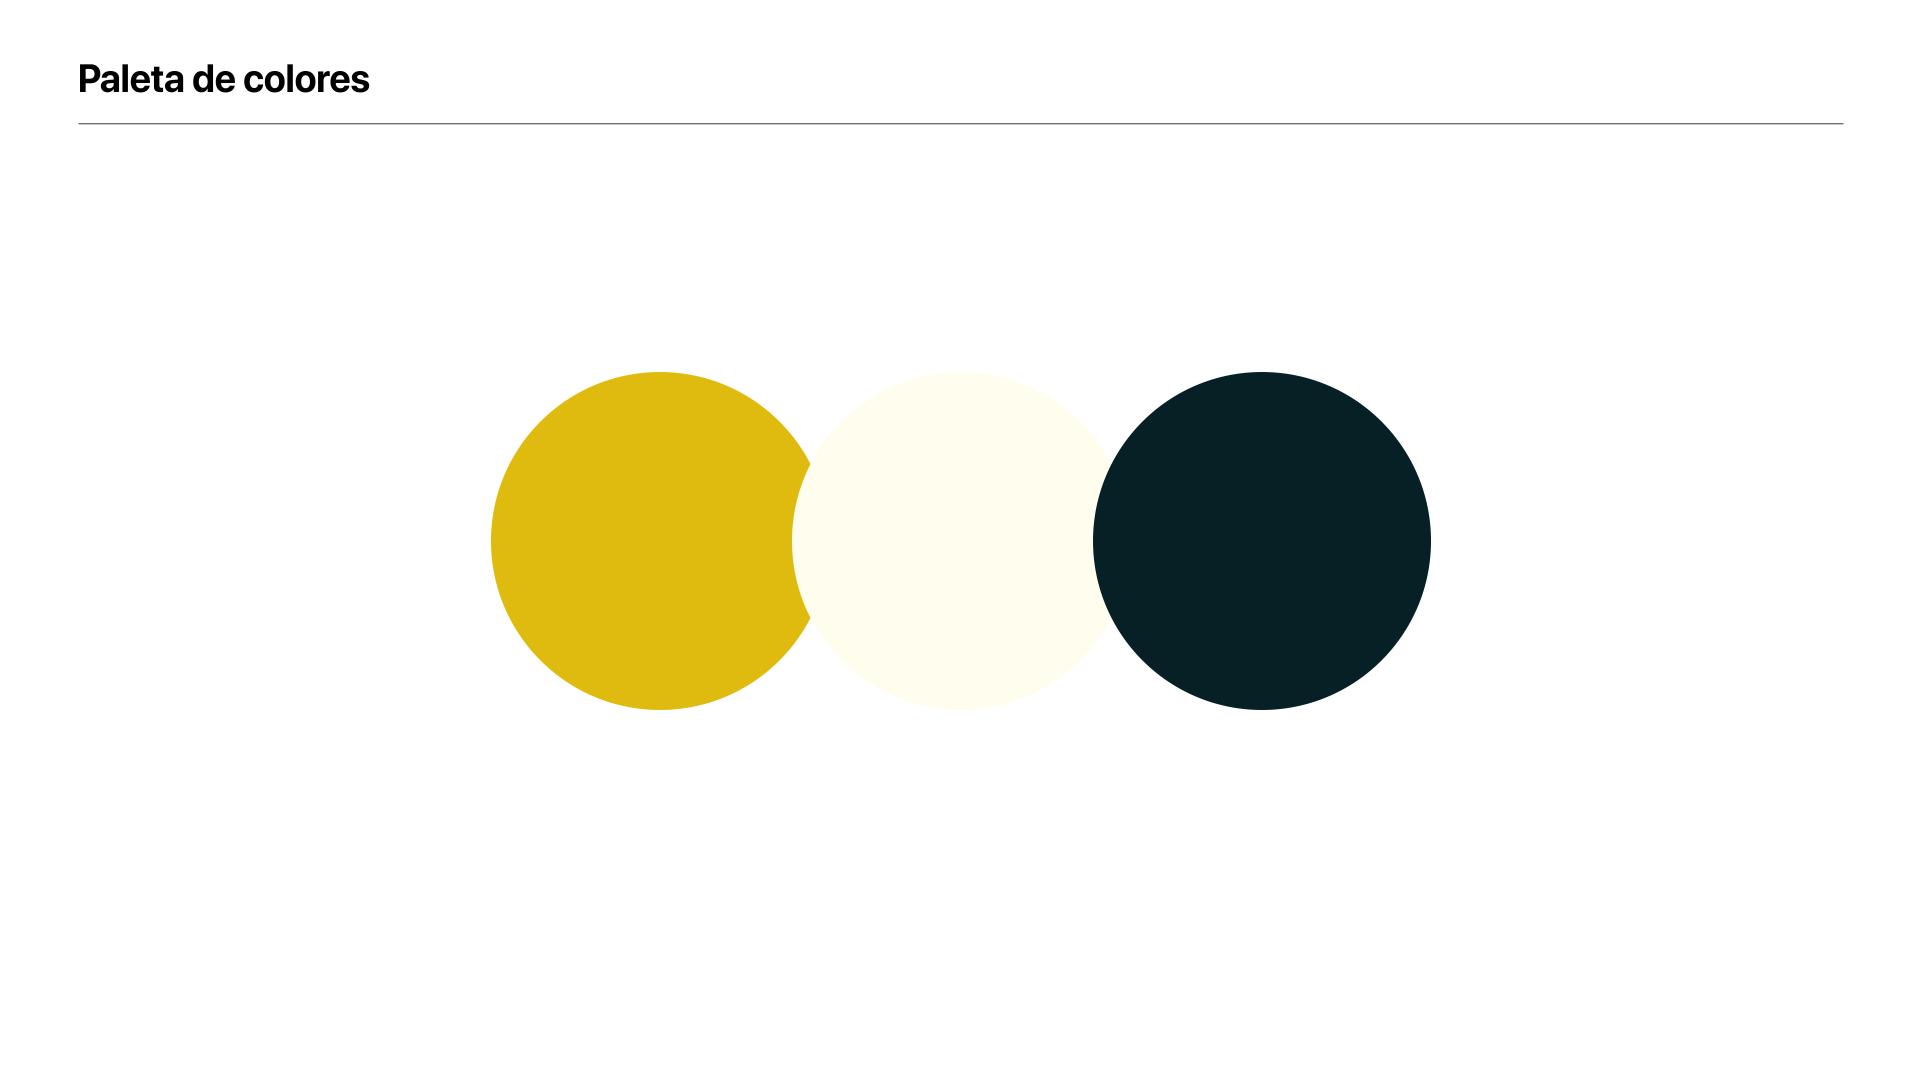 Paleta de colores de la marca